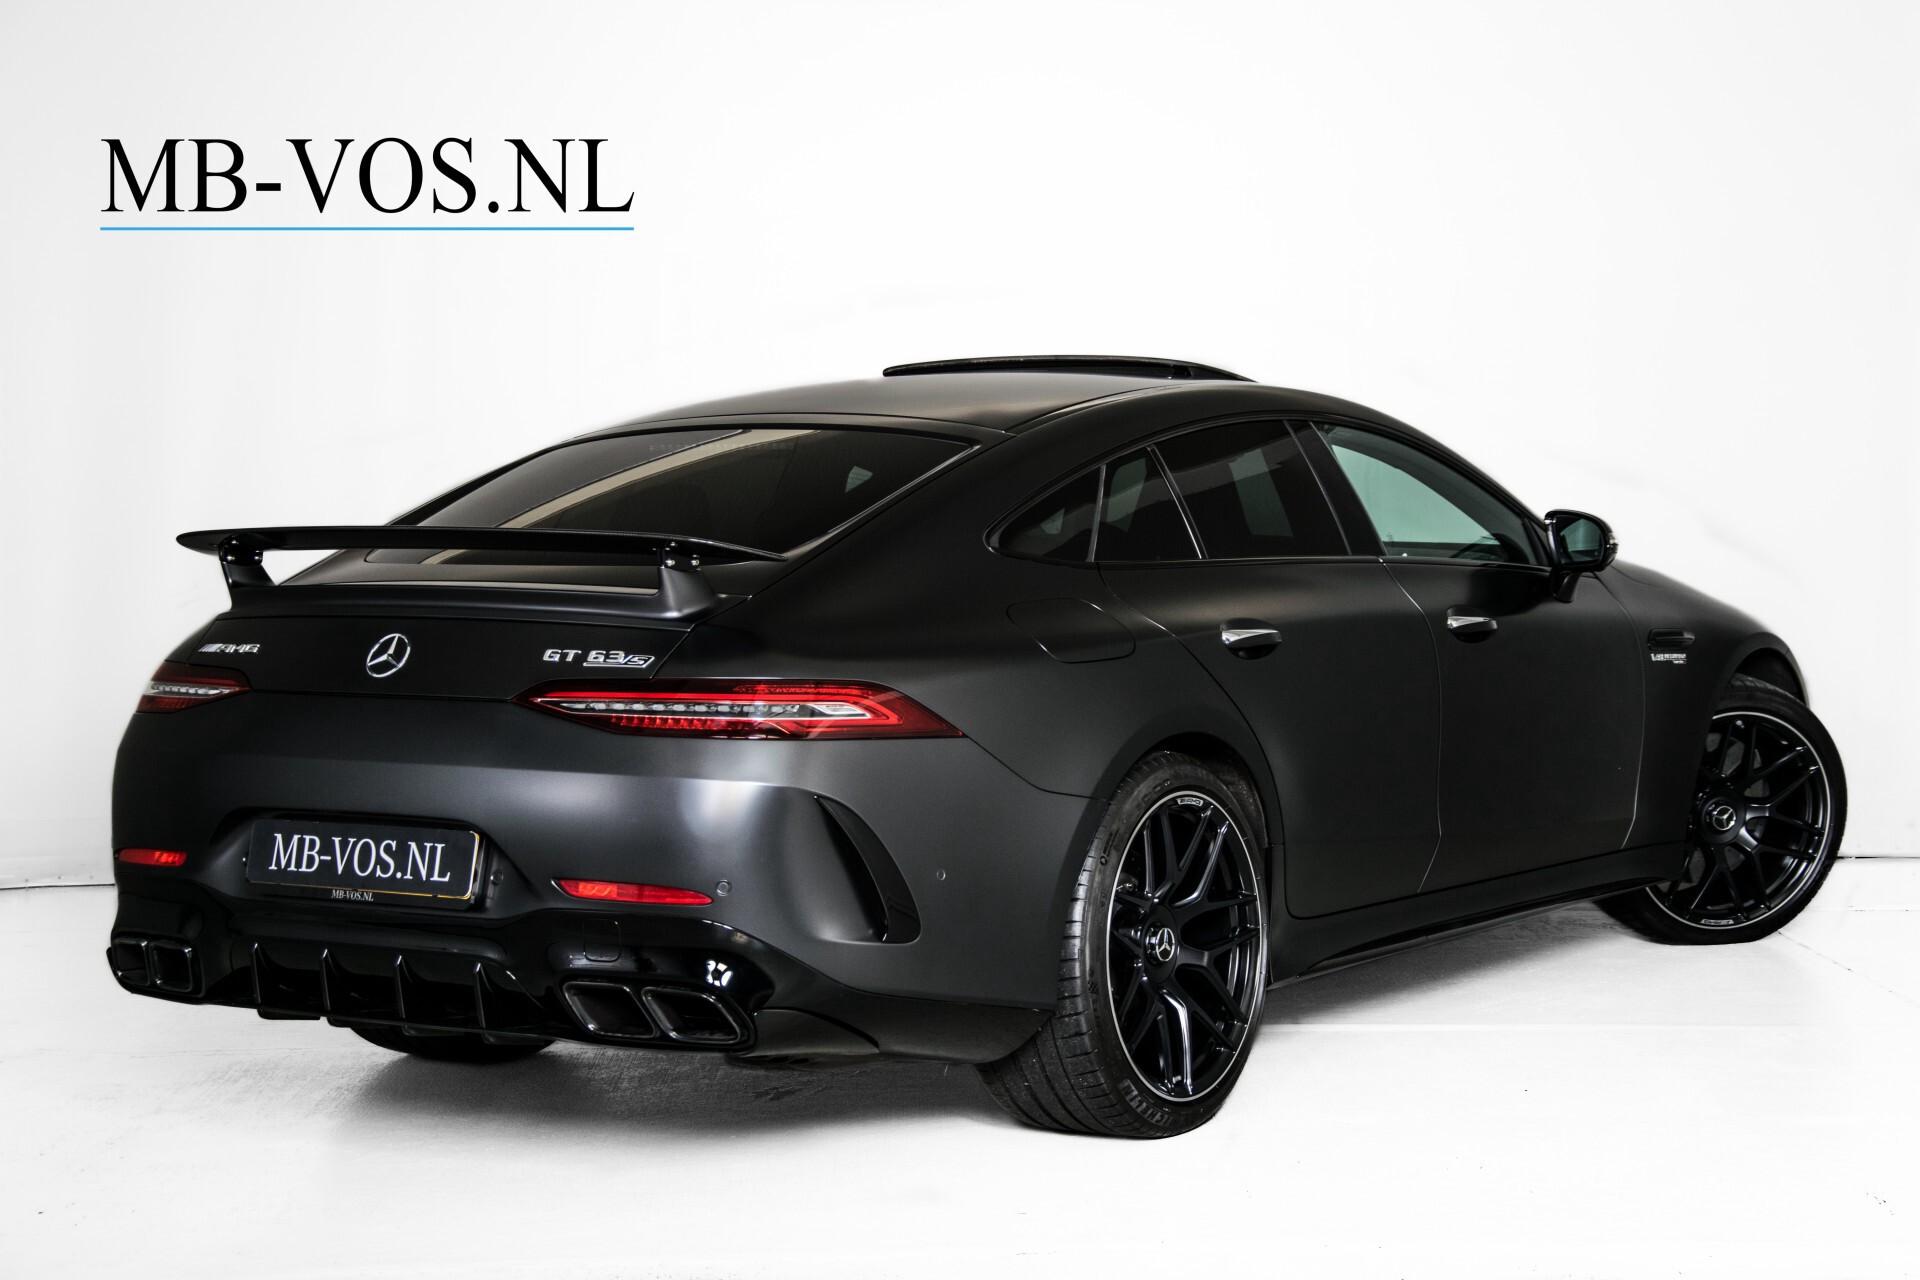 Mercedes-Benz AMG GT 4-Door Coupe 63 S 4M+ Keramisch/Full Carbon/Aerodynamica/Burmester 3D/TV/Performance stoelen/Standkachel Aut9 Foto 2